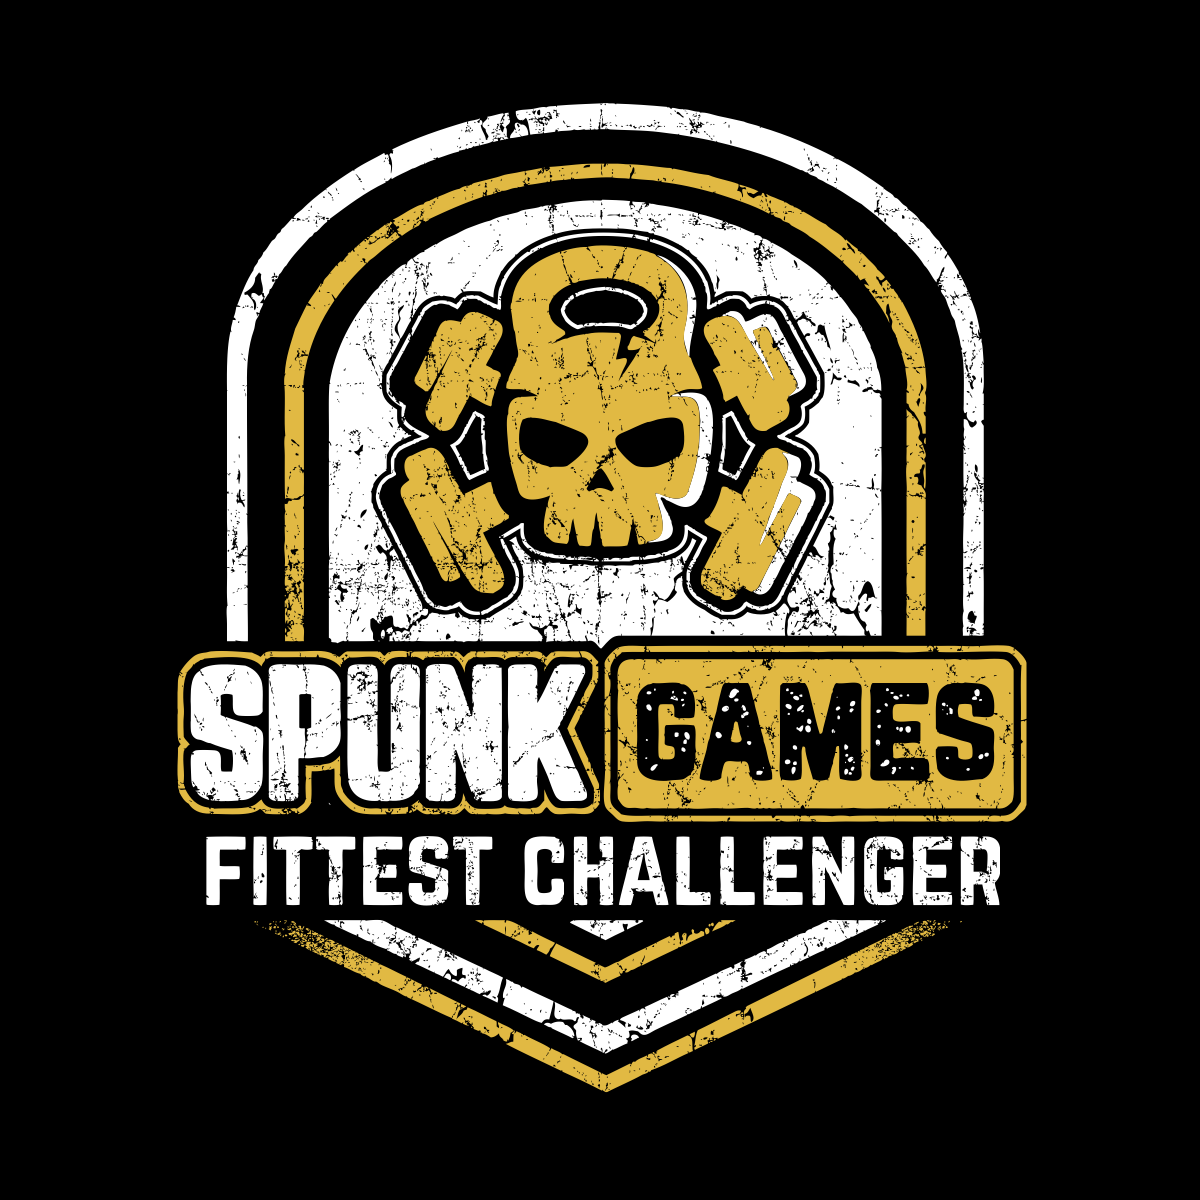 spunk t-shirt